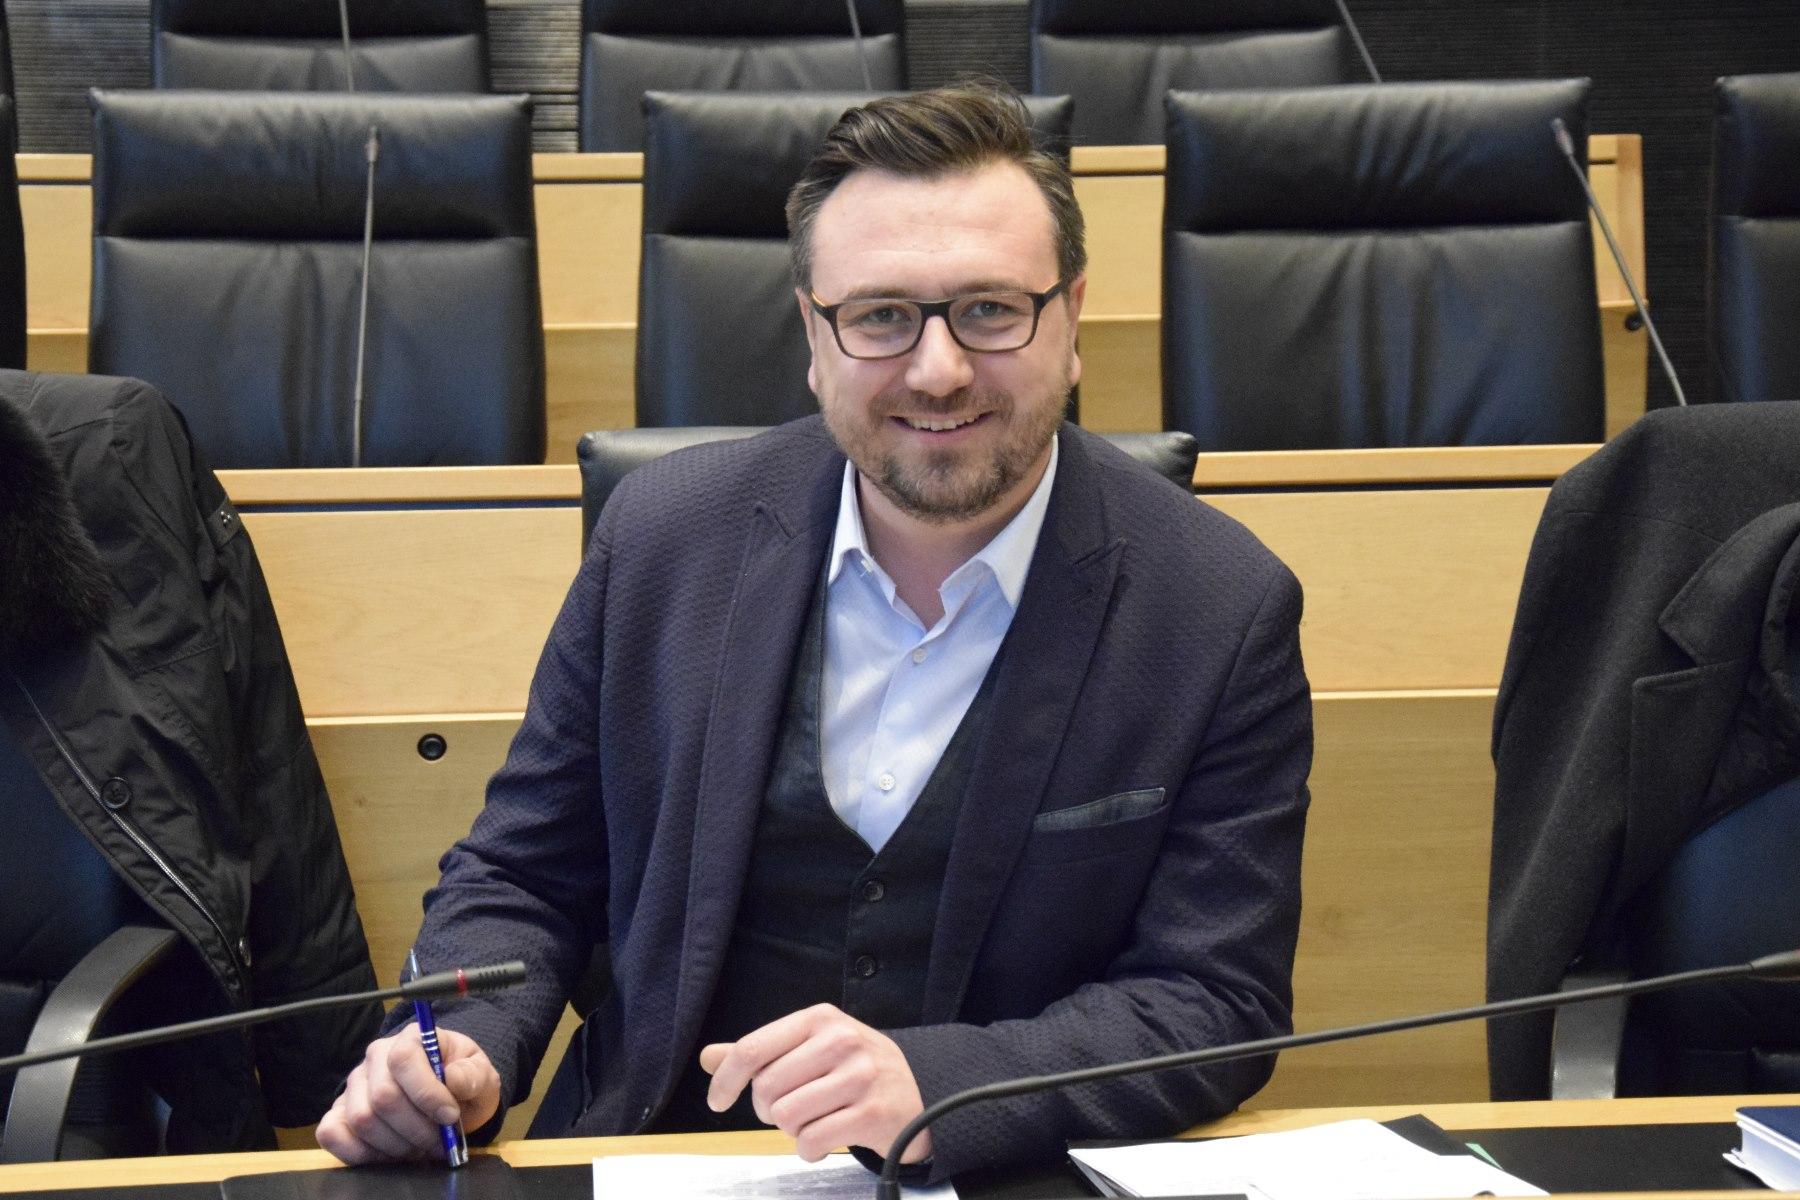 Freiheitlicher Antrag angenommen: Landtag wird sich mit der öffentlichen Sicherheit auseinandersetzen